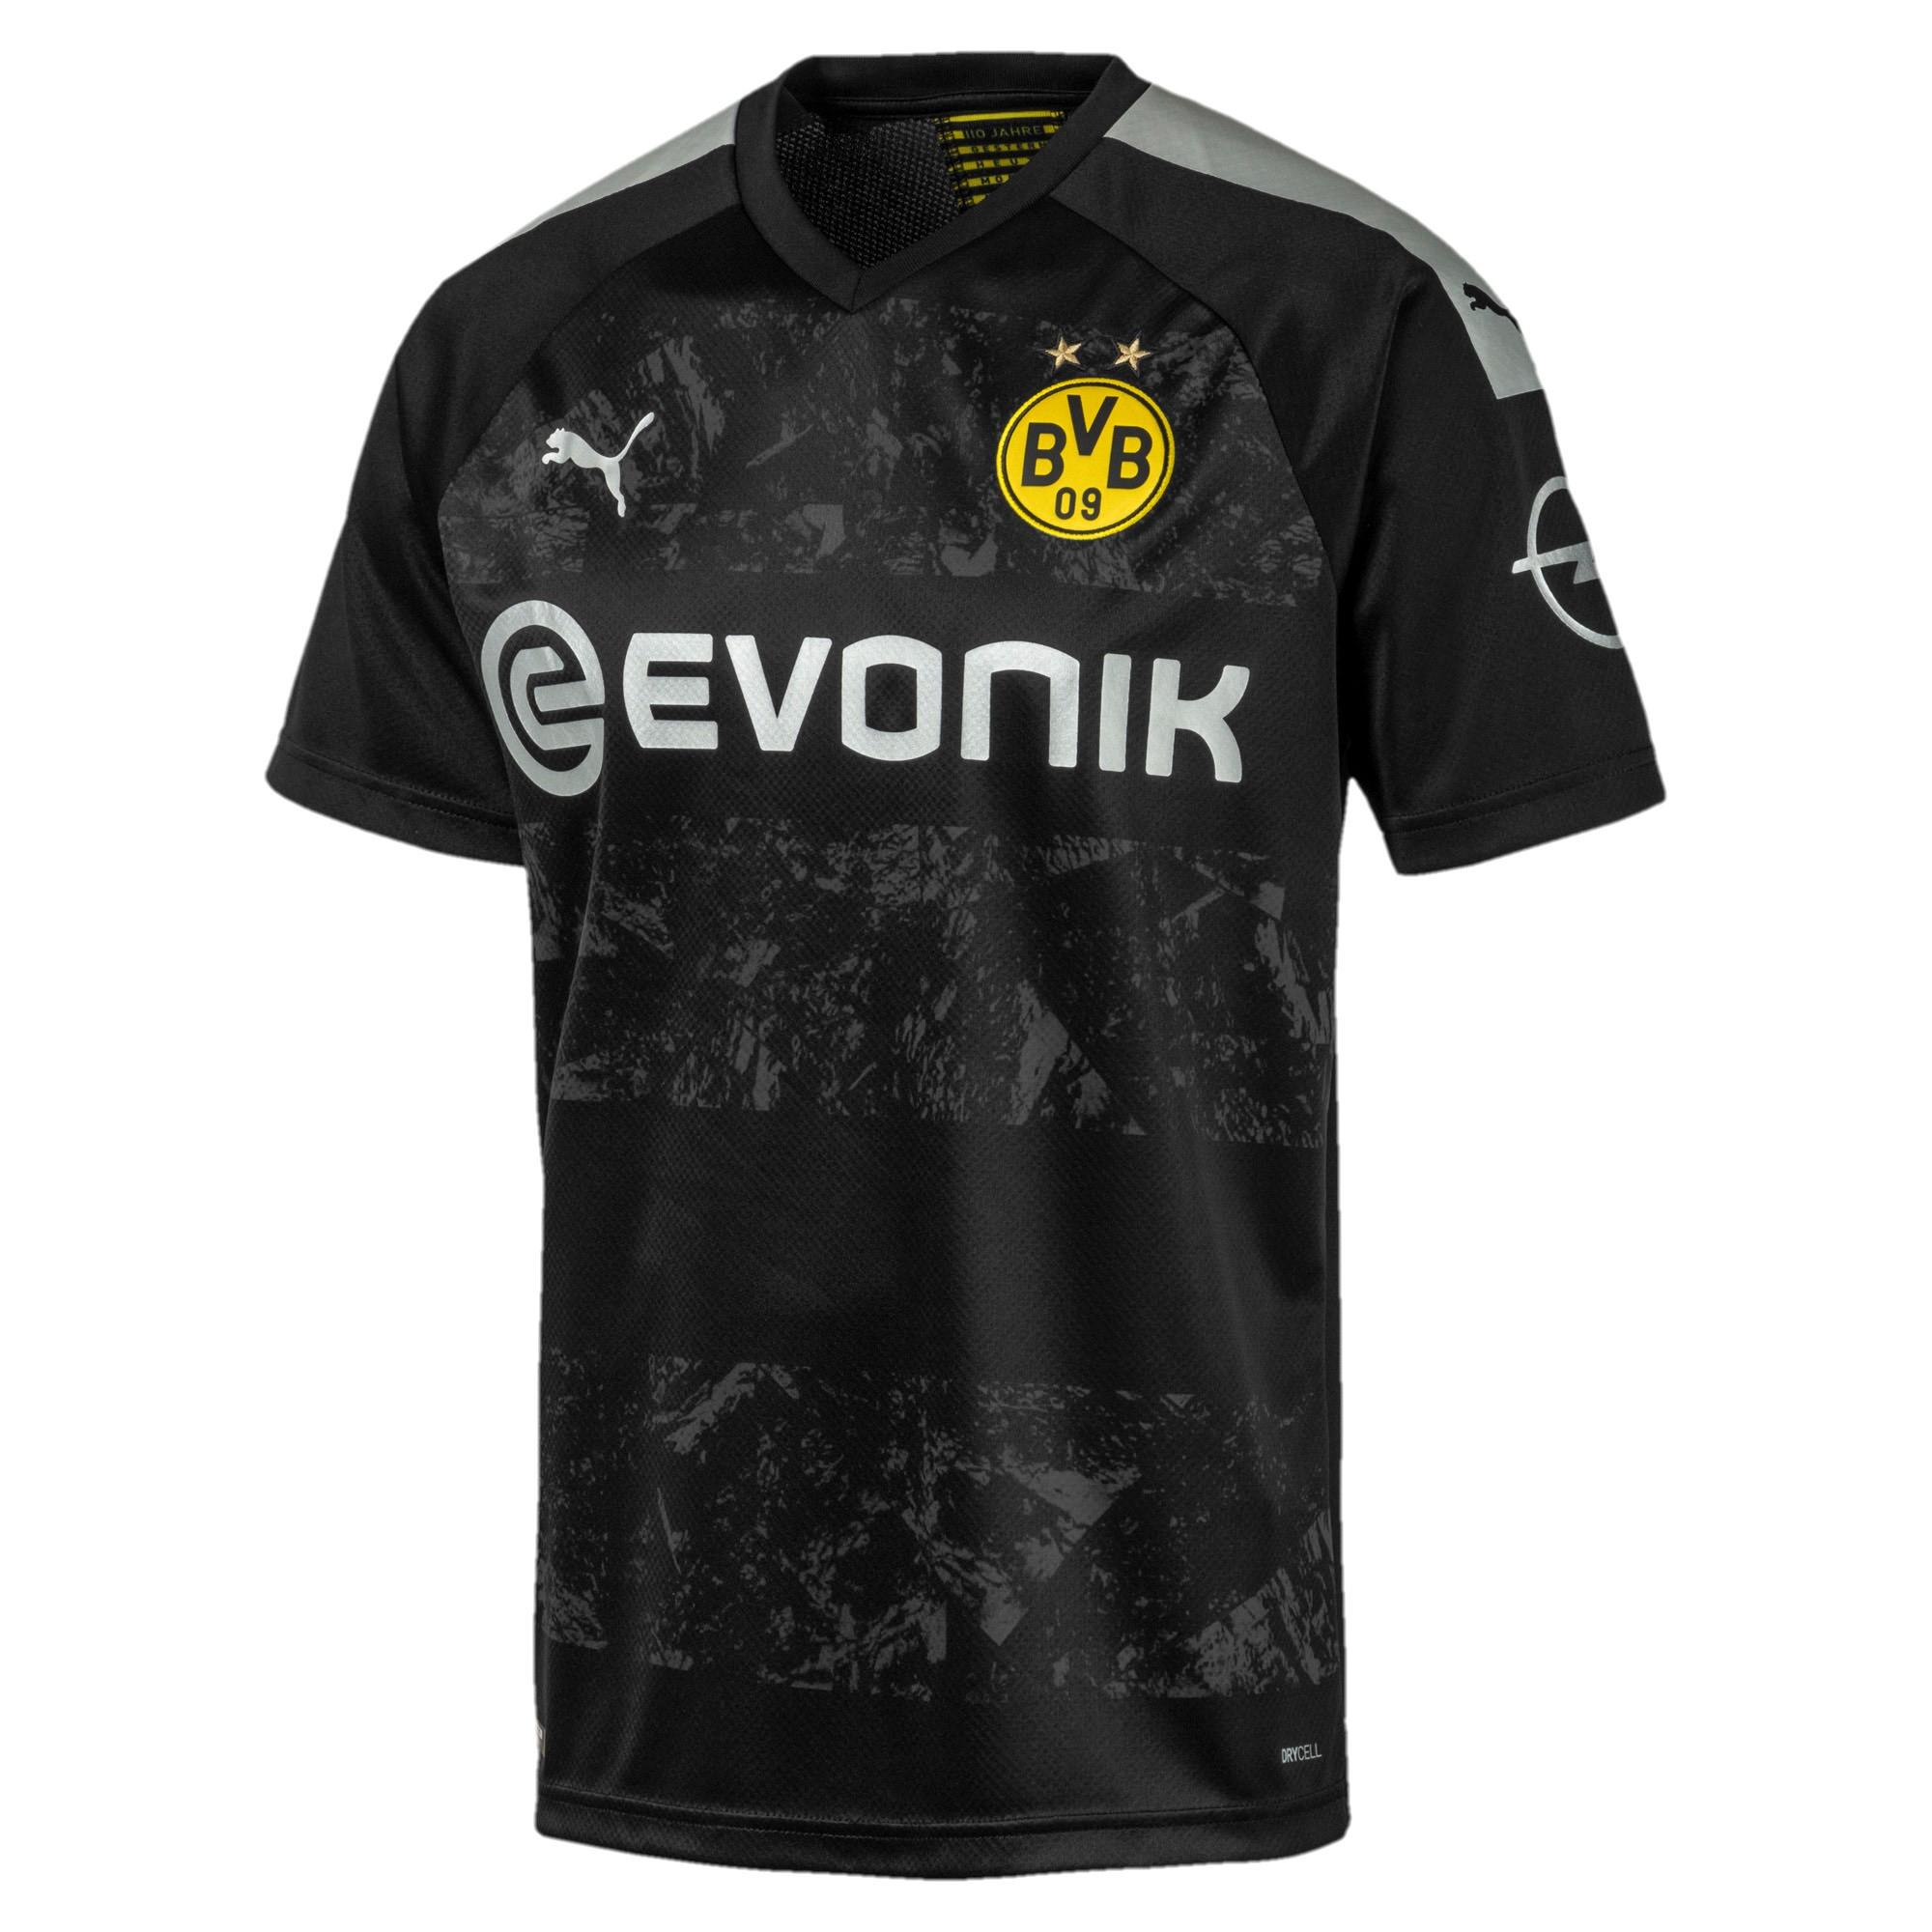 Puma BVB Borussia Dortmund Away Auswärts Jersey Trikot 19/20 für 40,17€ @ Sport1a